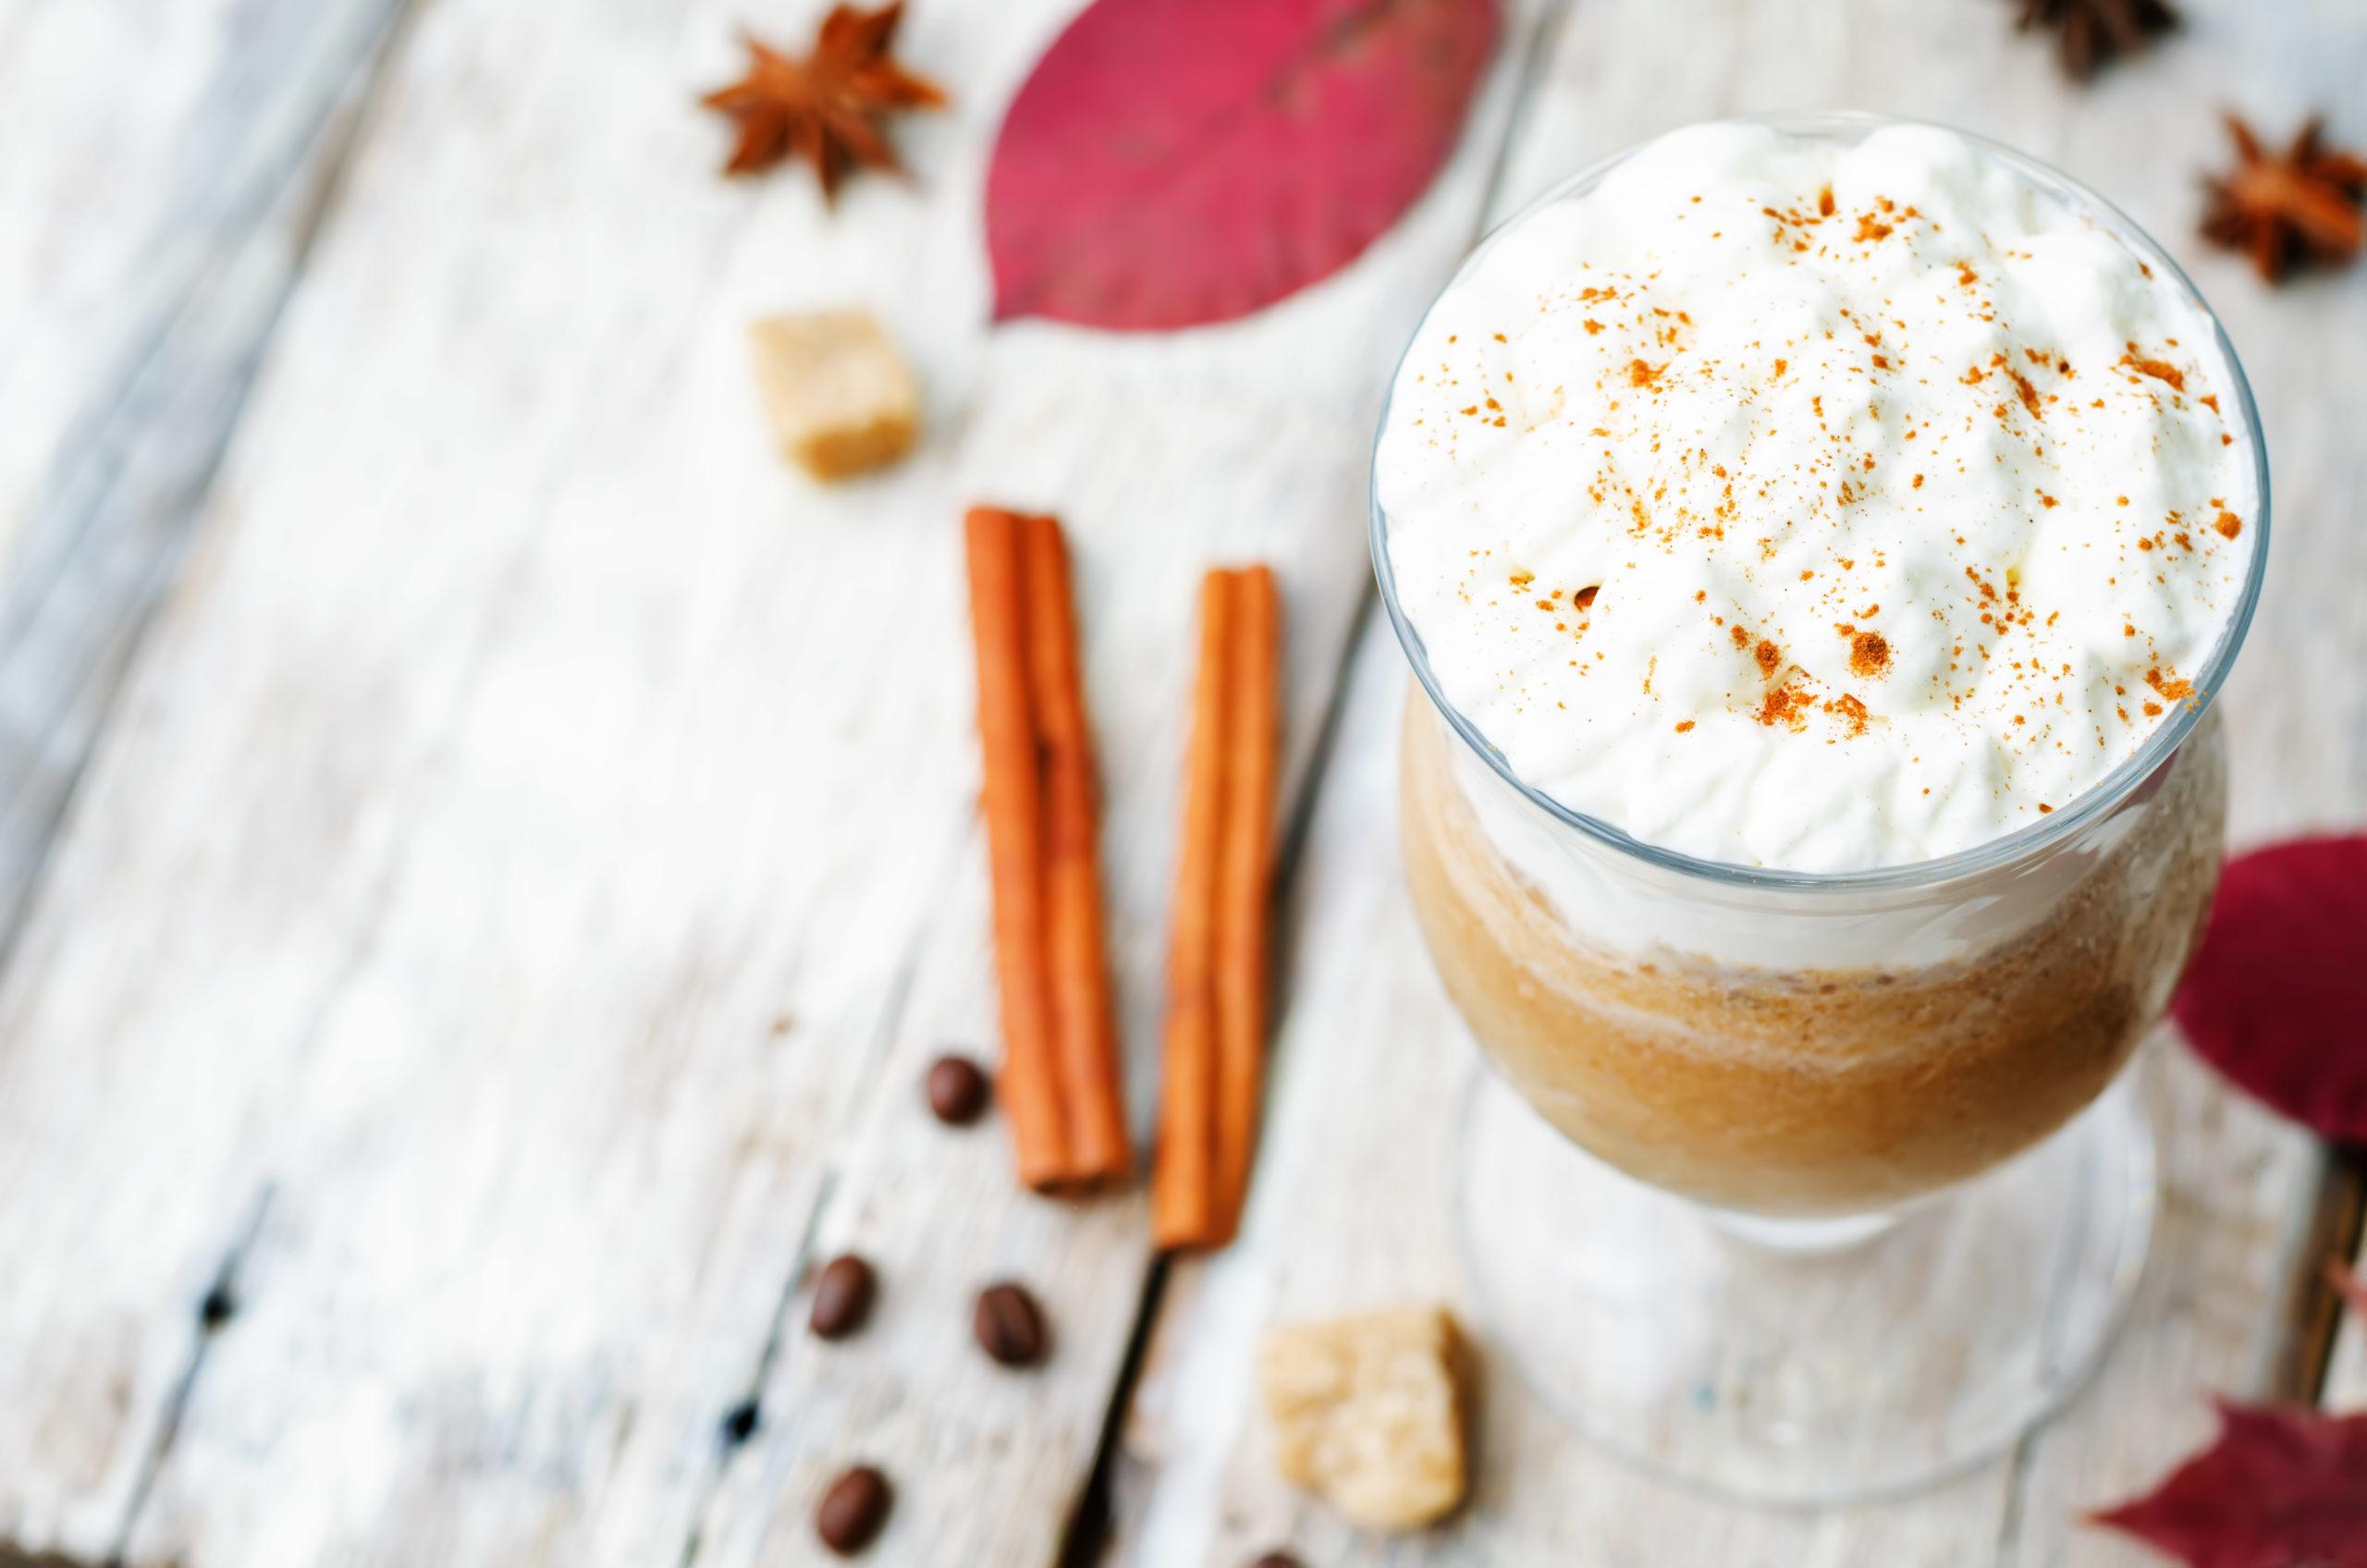 Imagen de frapuccino sin lactosa